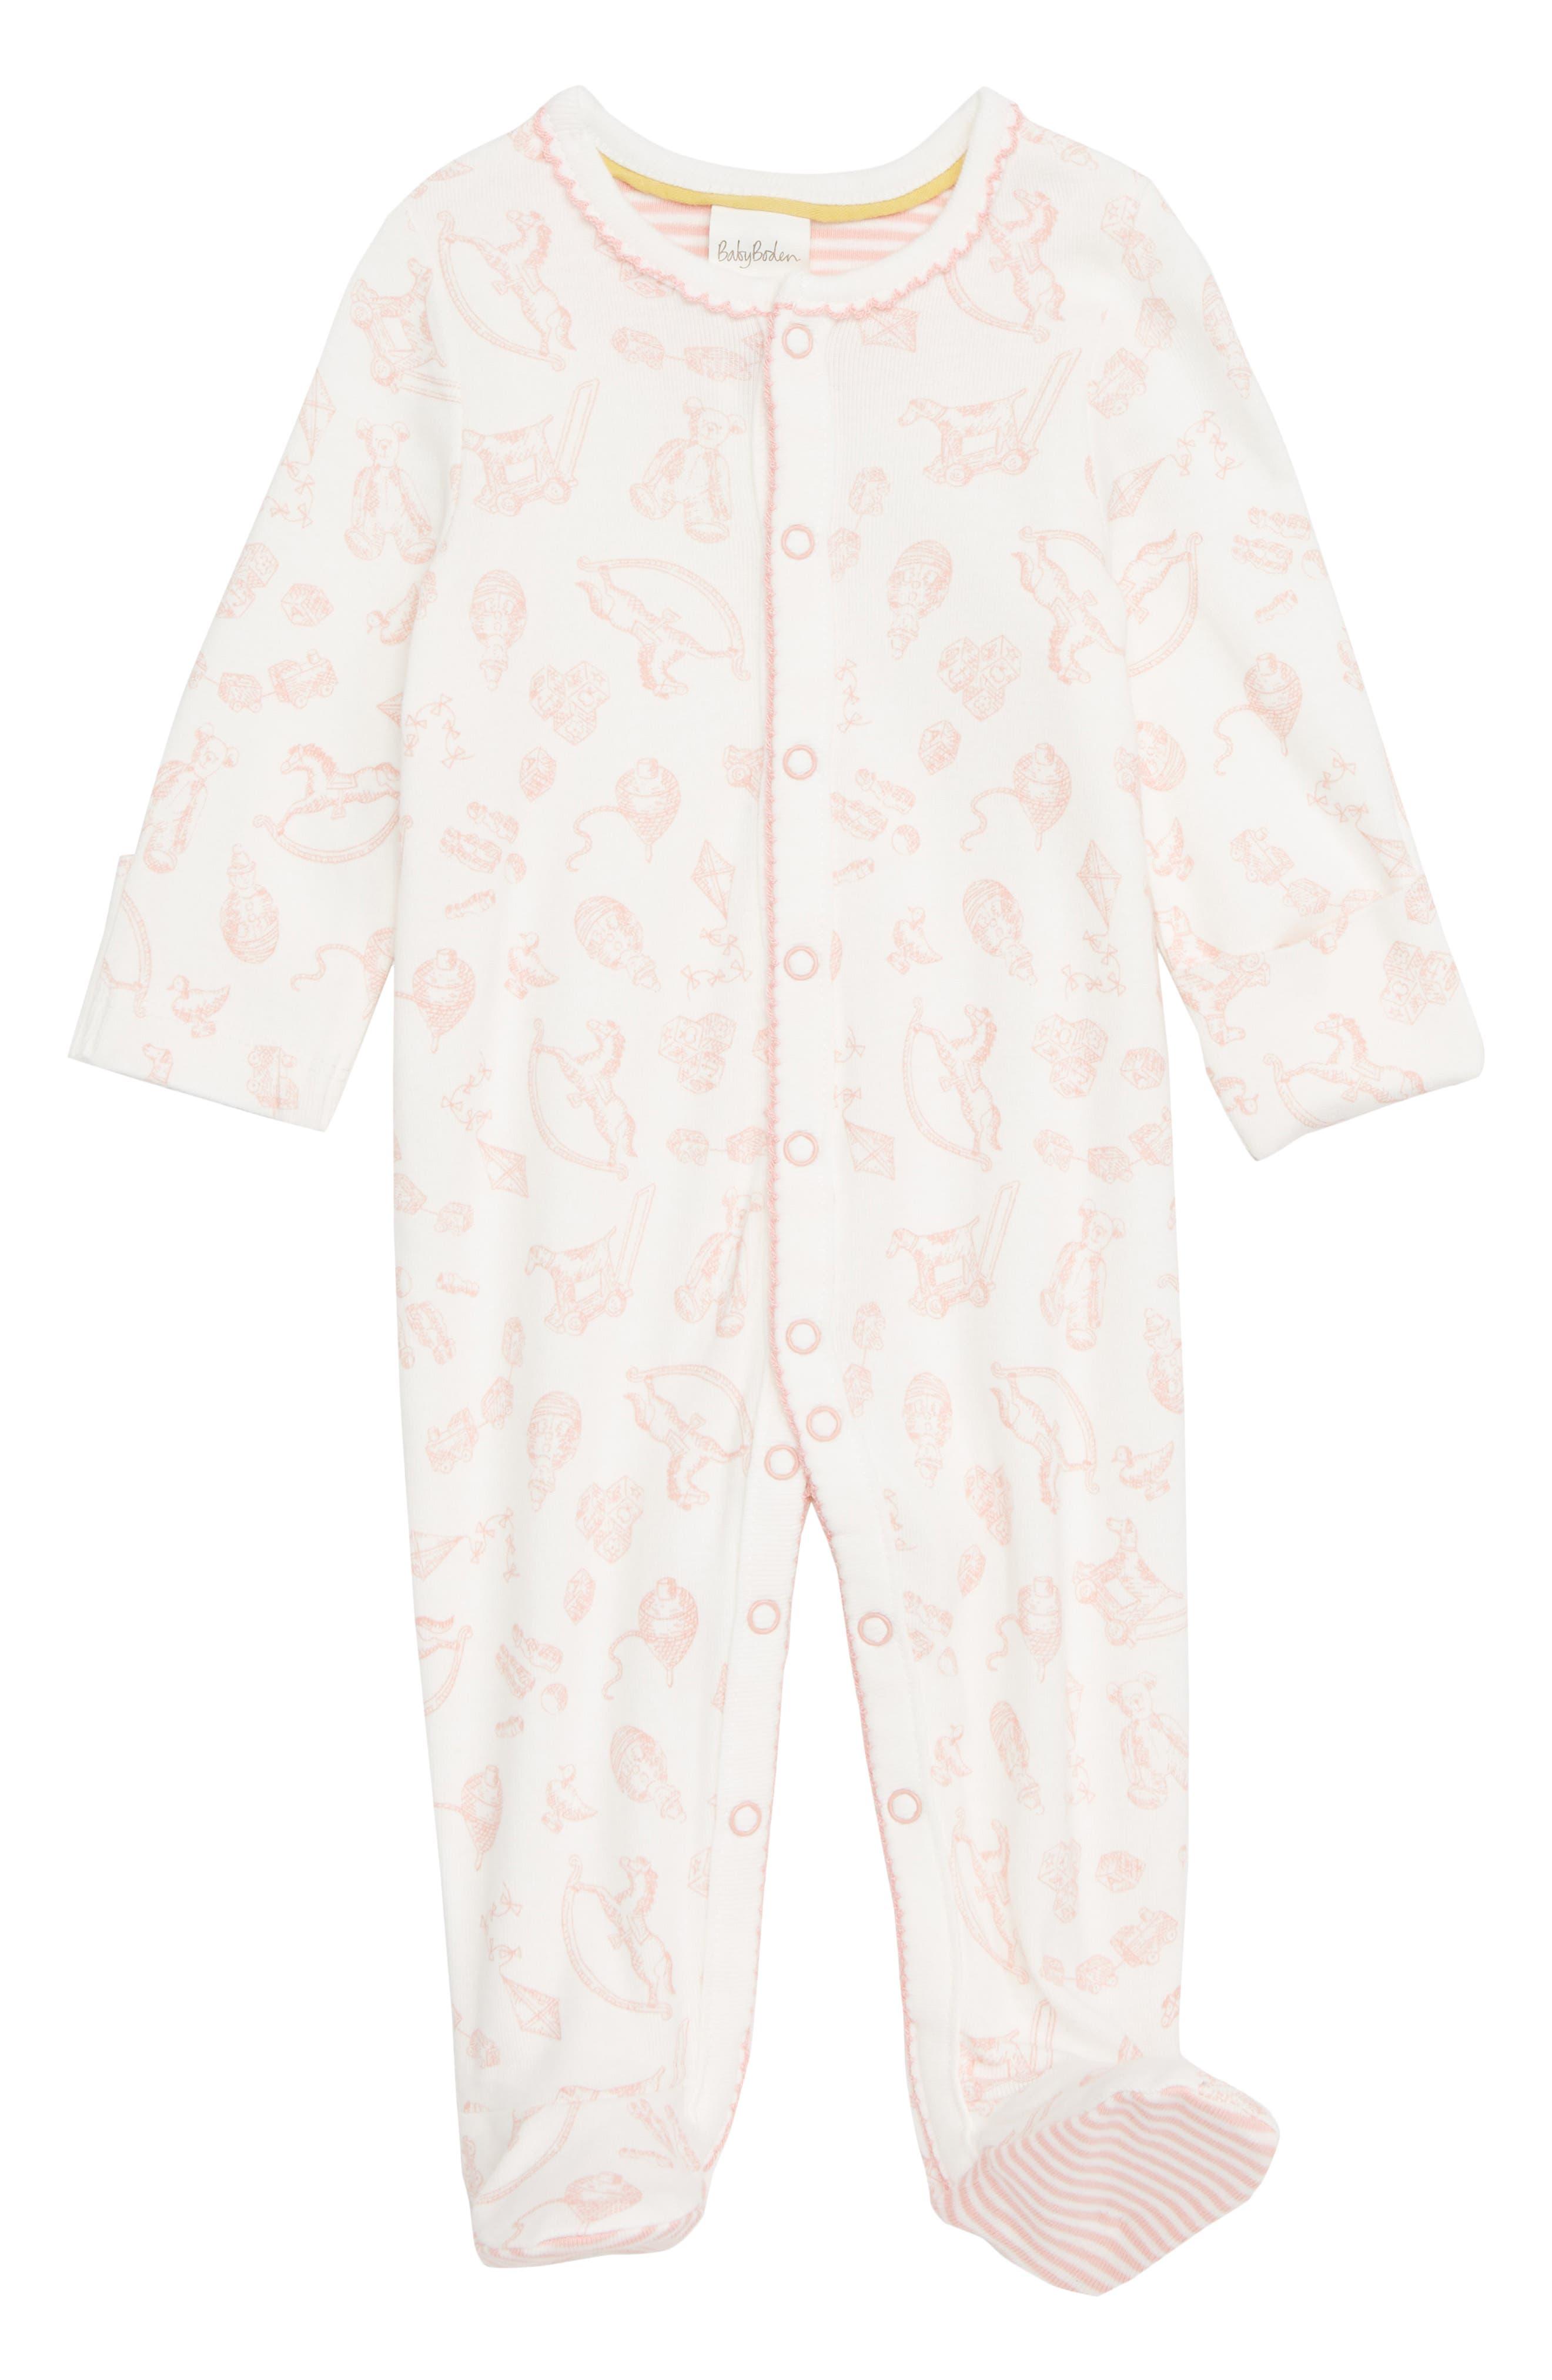 Organic Cotton One-Piece Pajamas,                         Main,                         color, 684